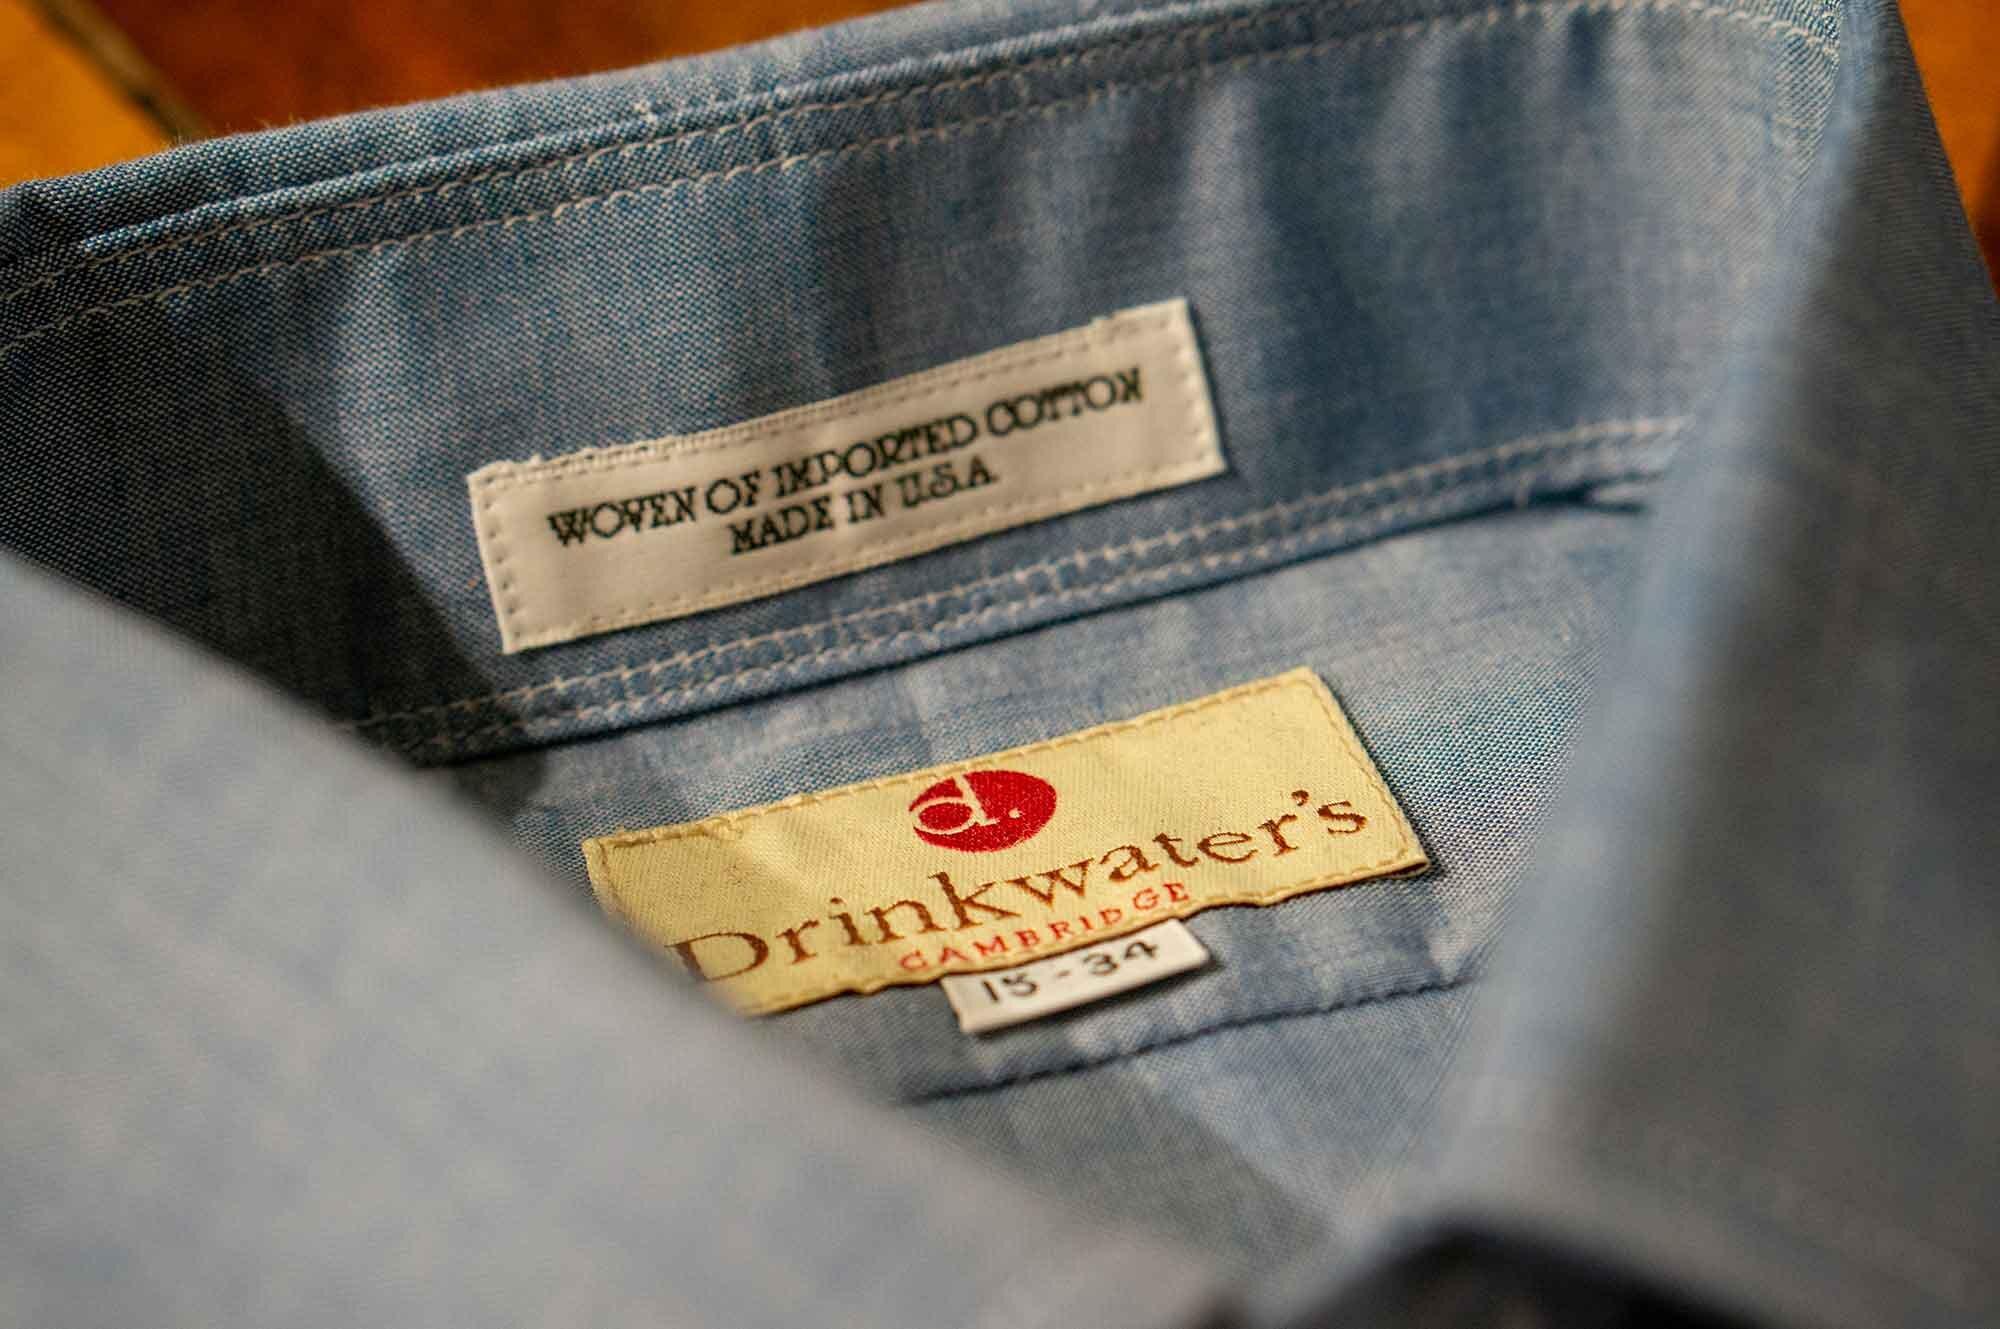 drinkwaters_cambridge_great_mens_clothing_13.jpg